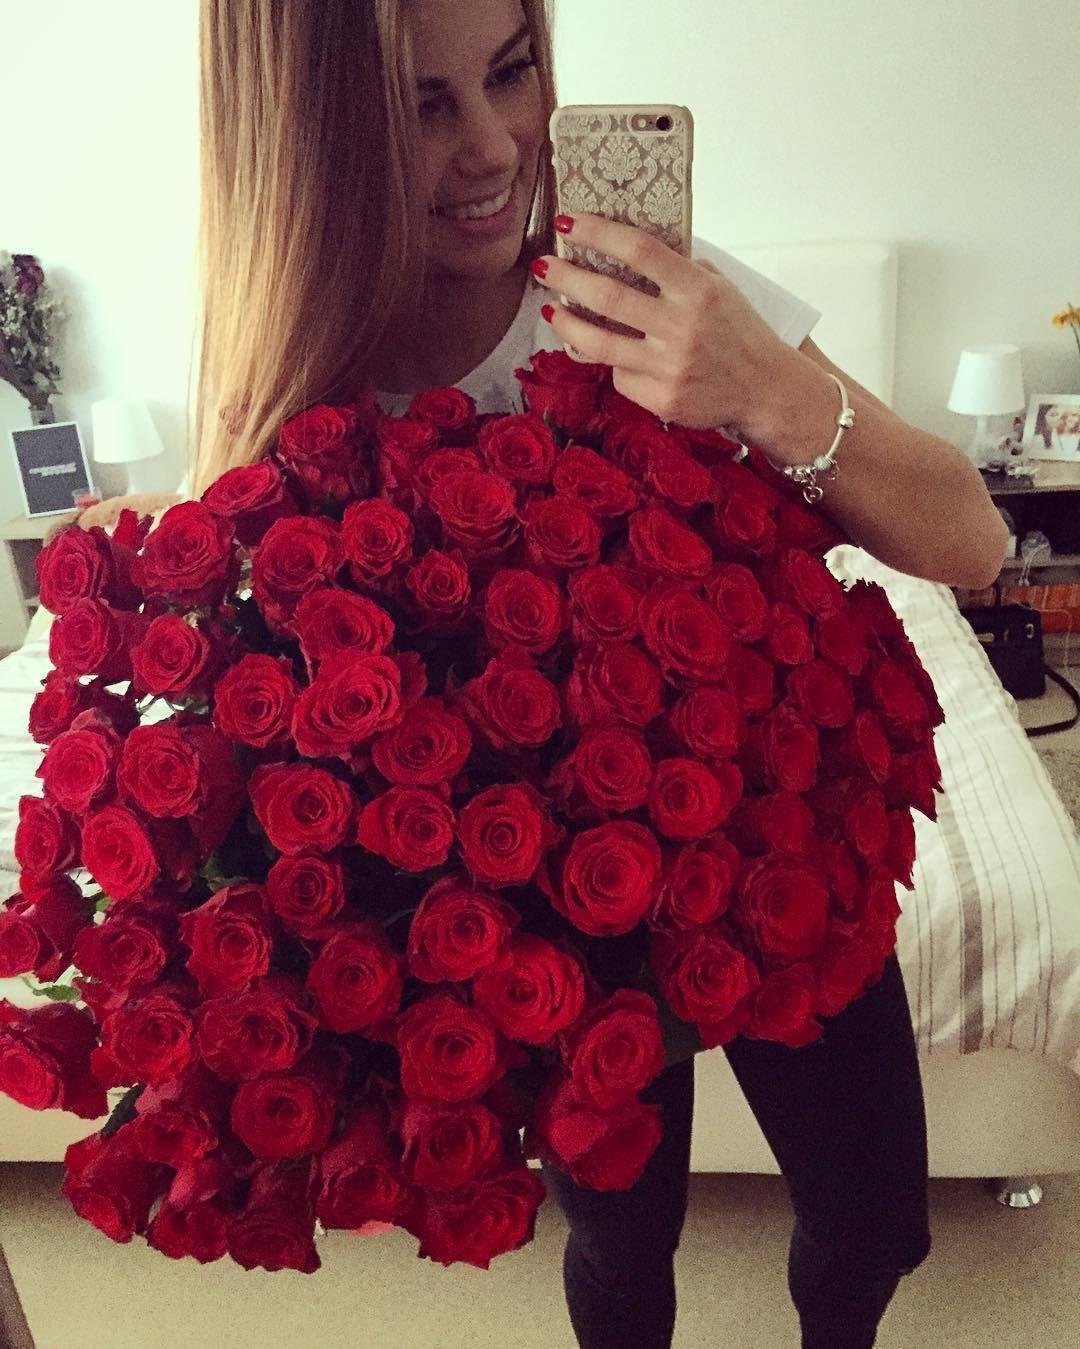 #memories #valentineday  by brejlinka